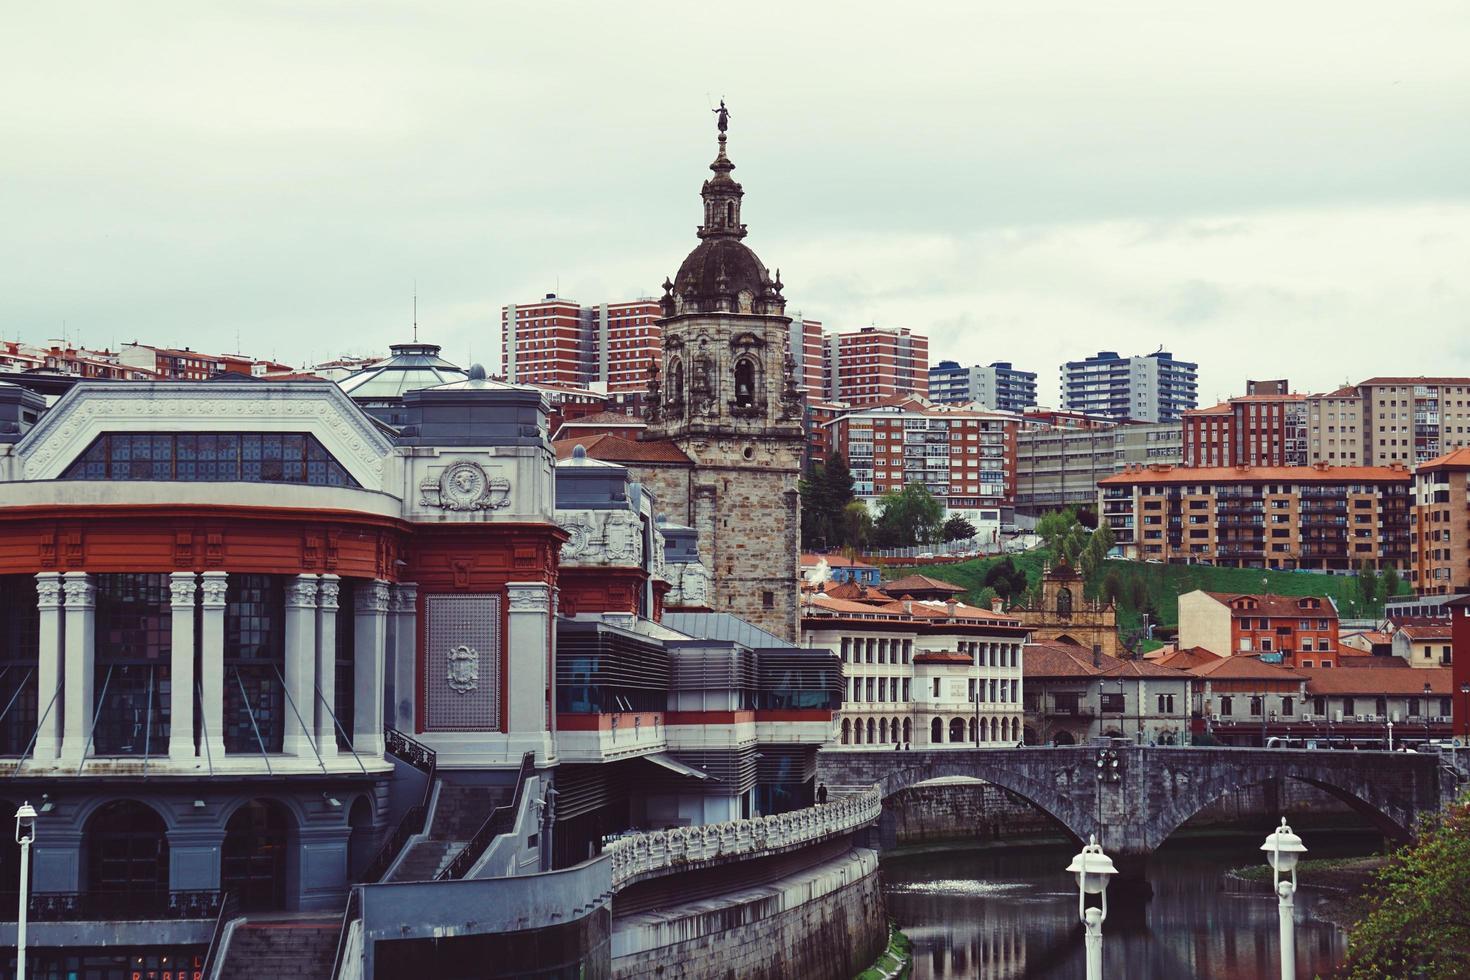 edificio de arquitectura en la ciudad de bilbao, españa, destino de viaje foto